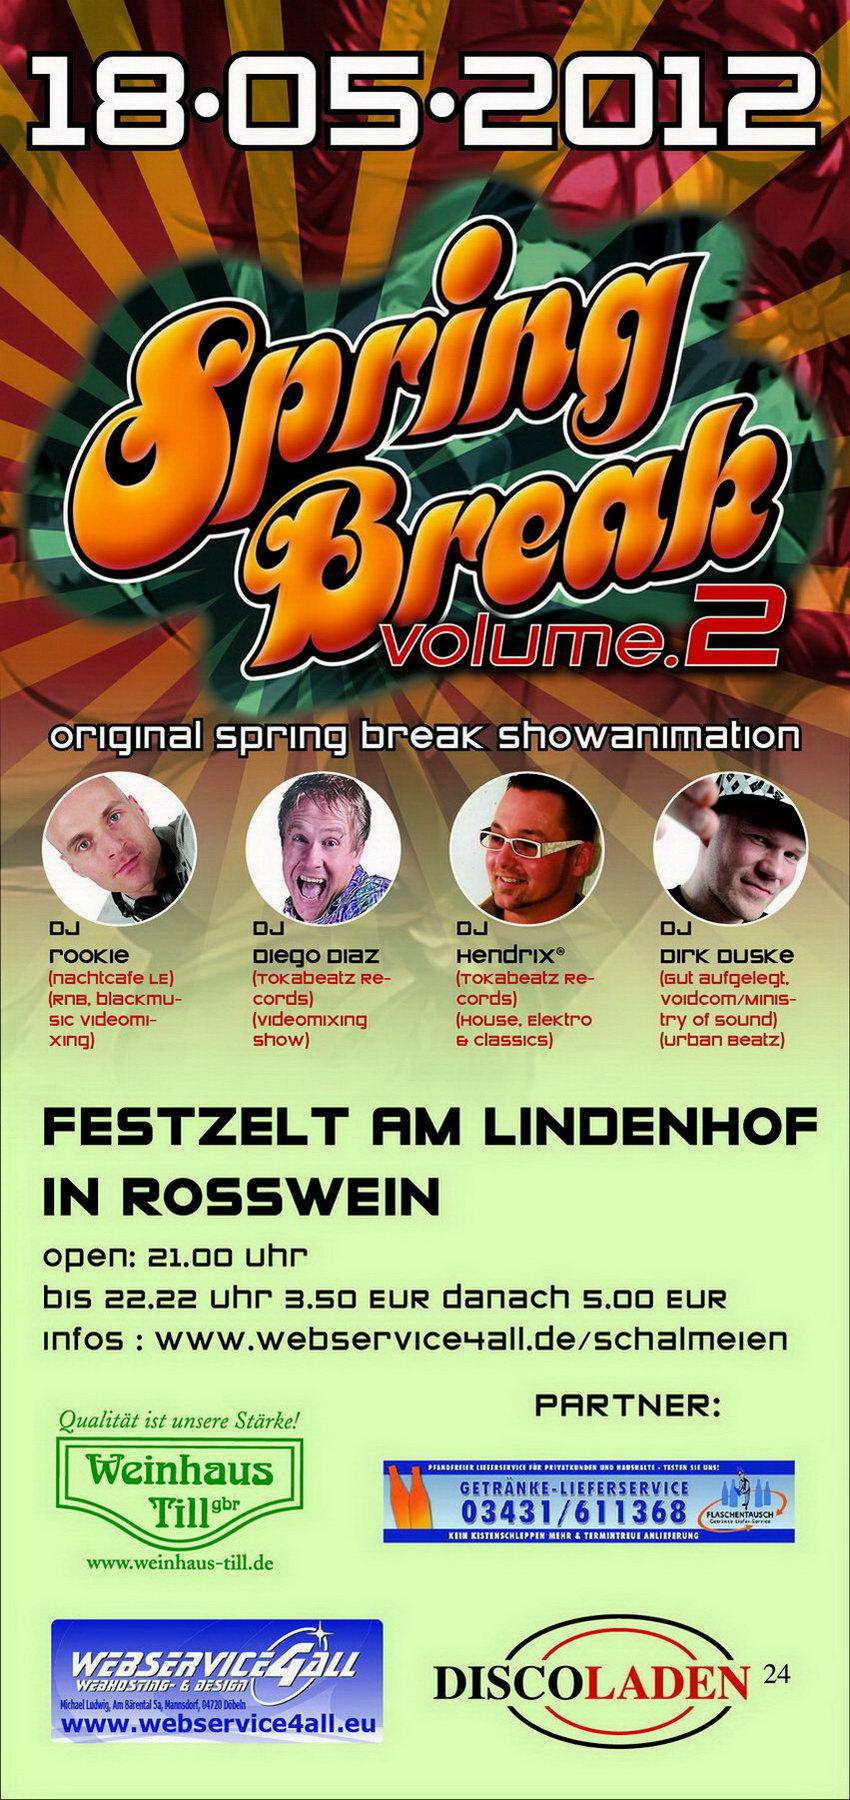 SPRING BREAK 18.05.2012